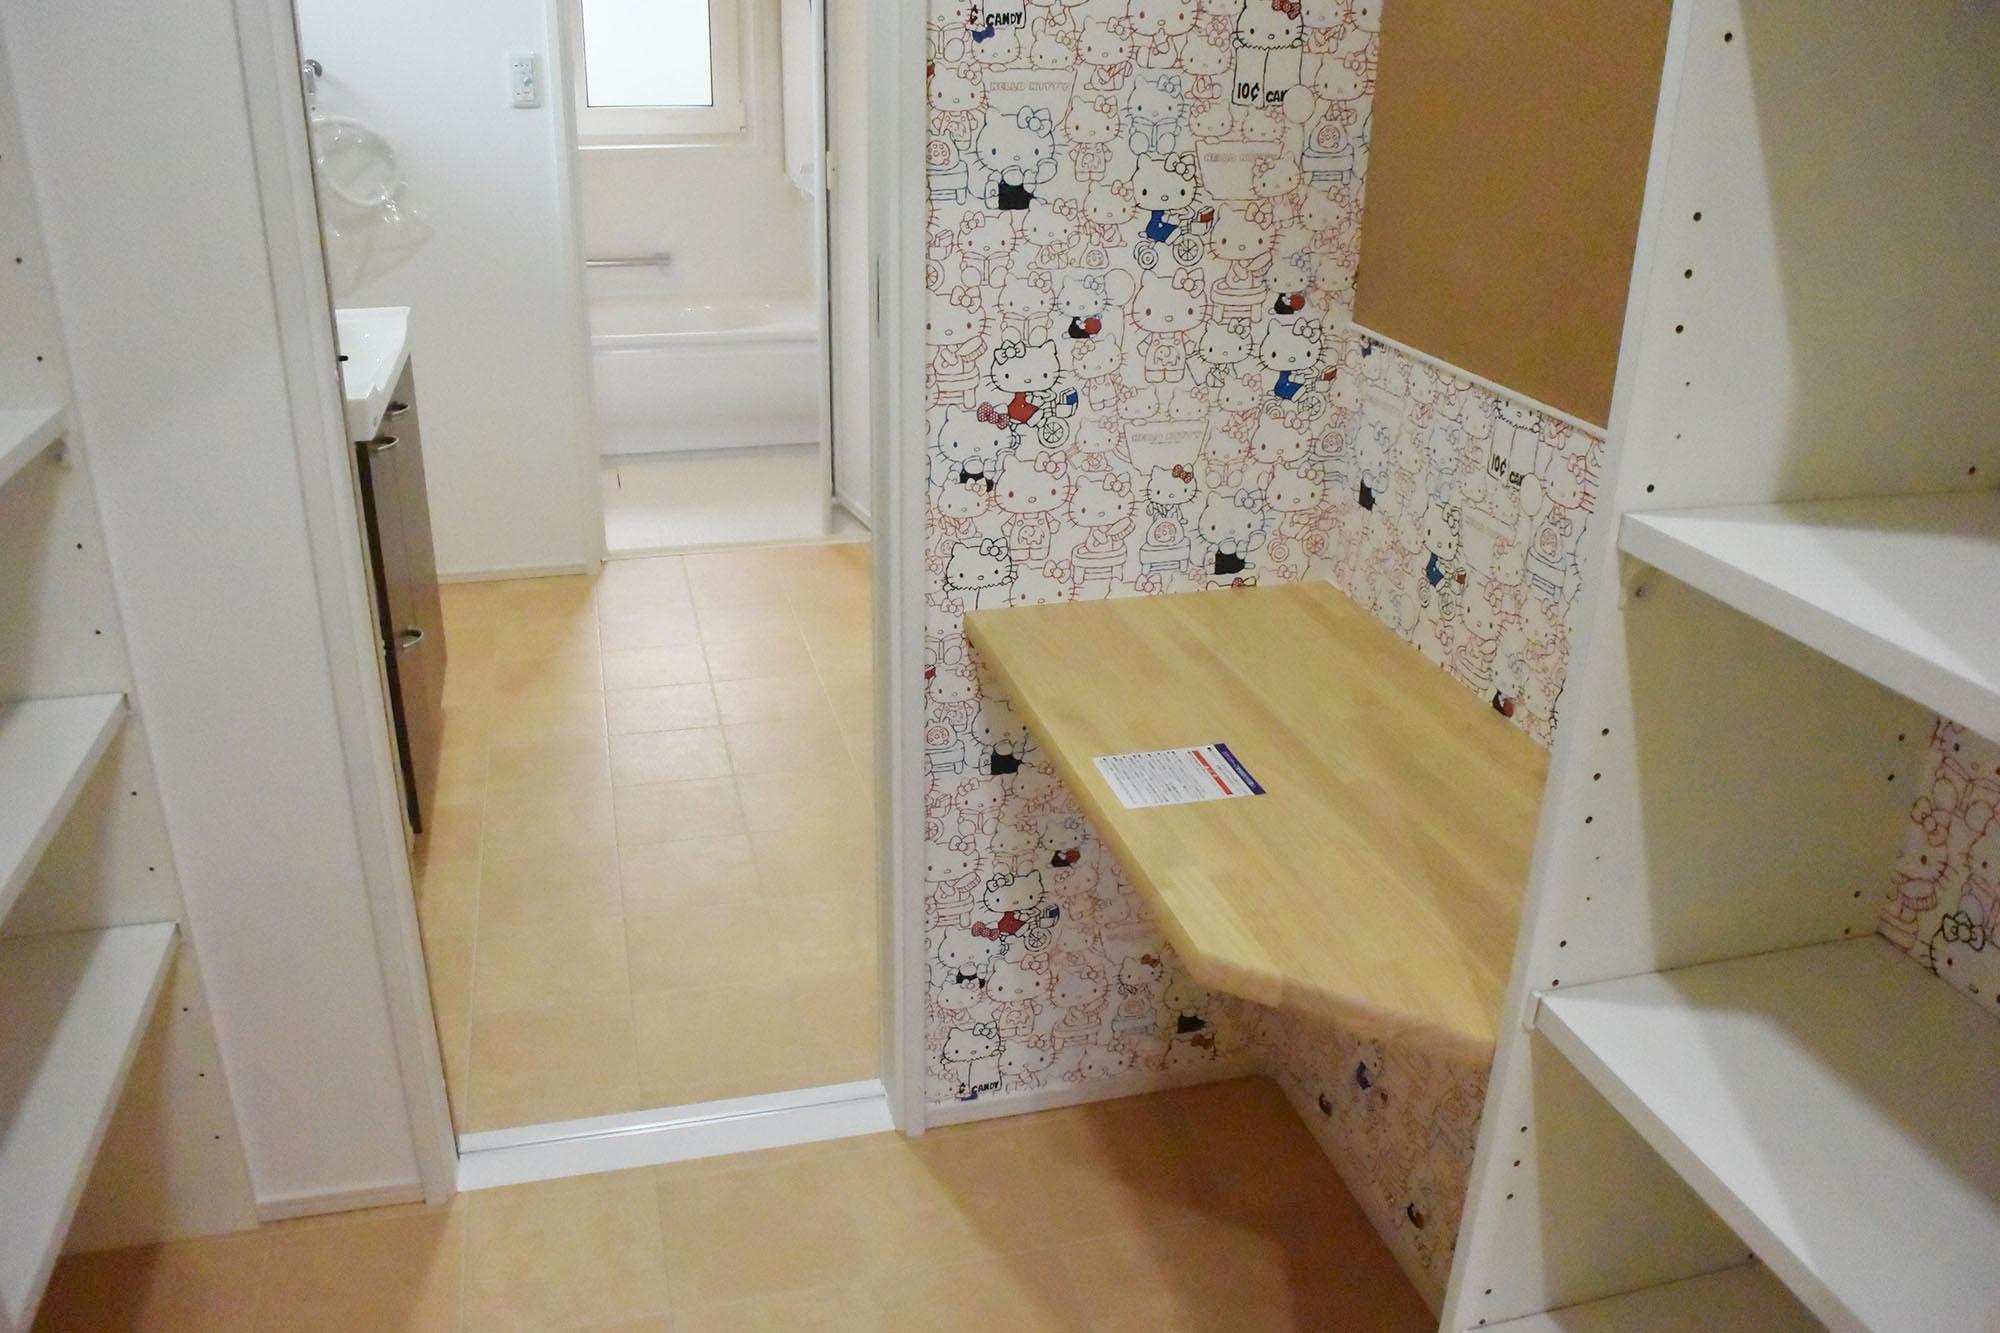 収納や整理整頓に便利な洗面脱衣所のユーティリティスペース。